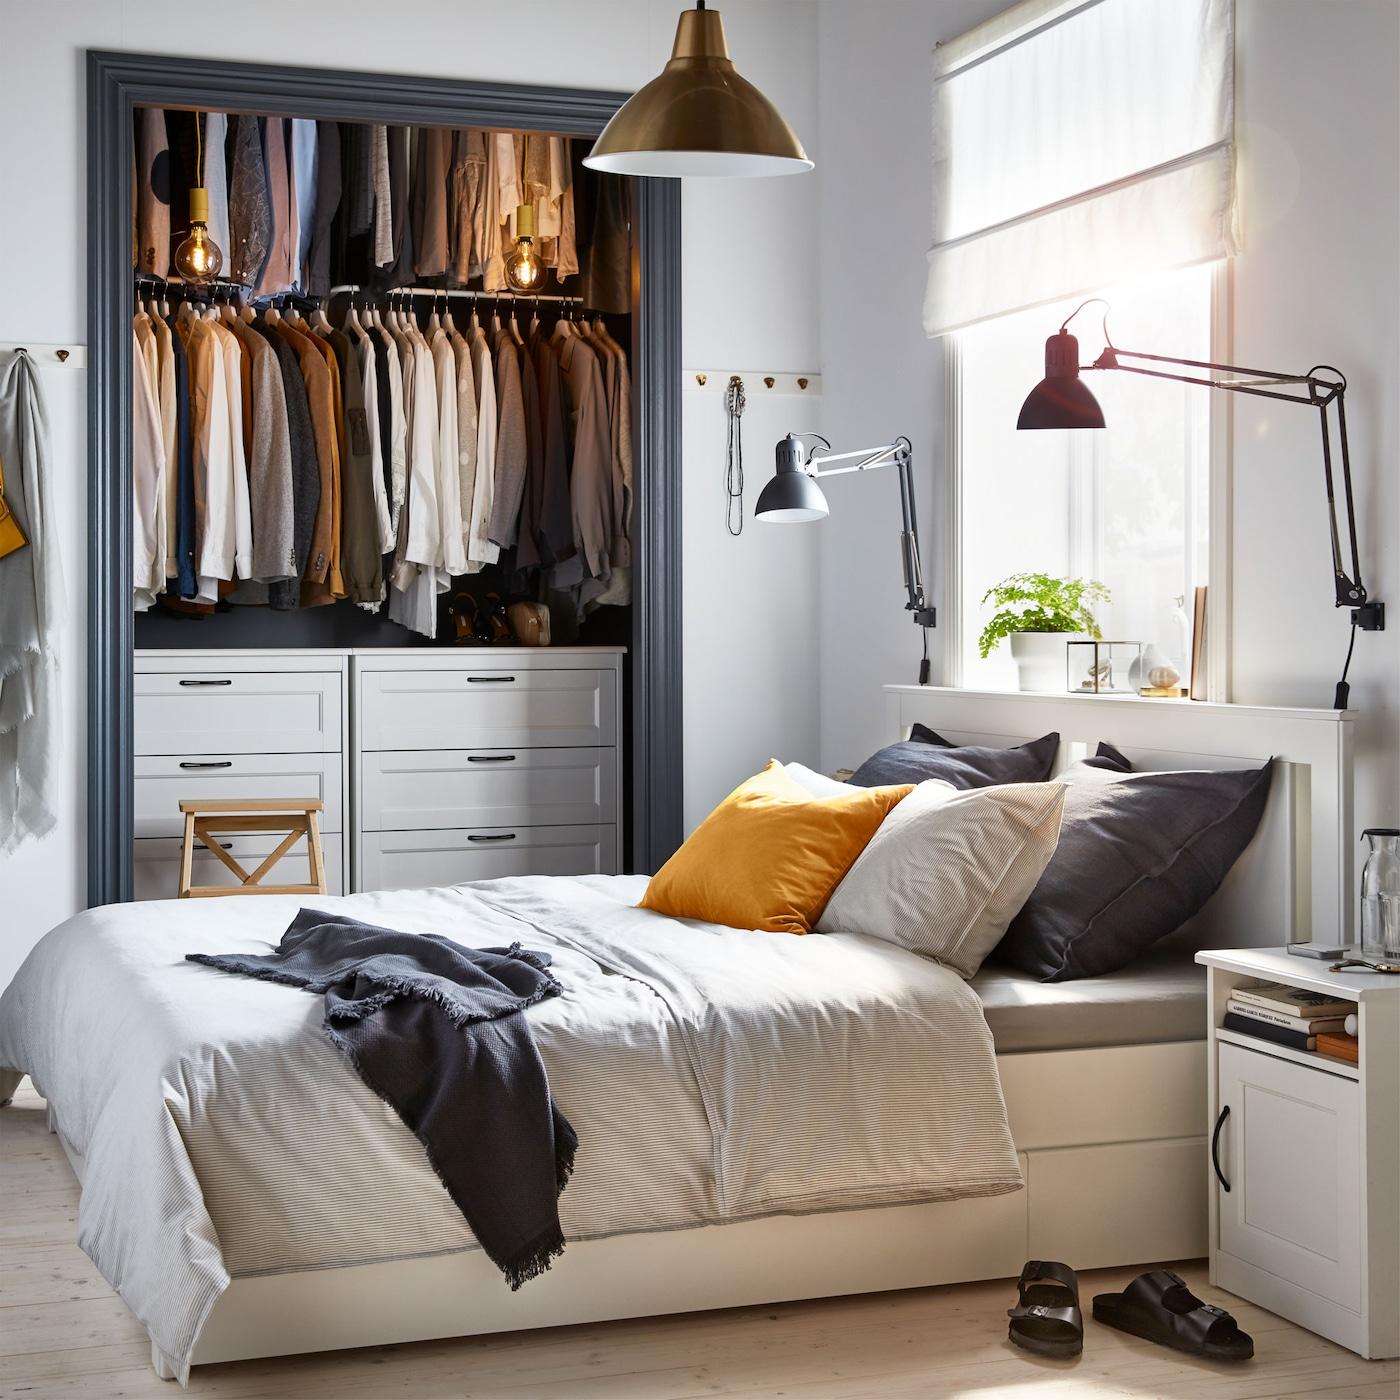 Tasteful, stylish, storage, this bedroom has it all - IKEA